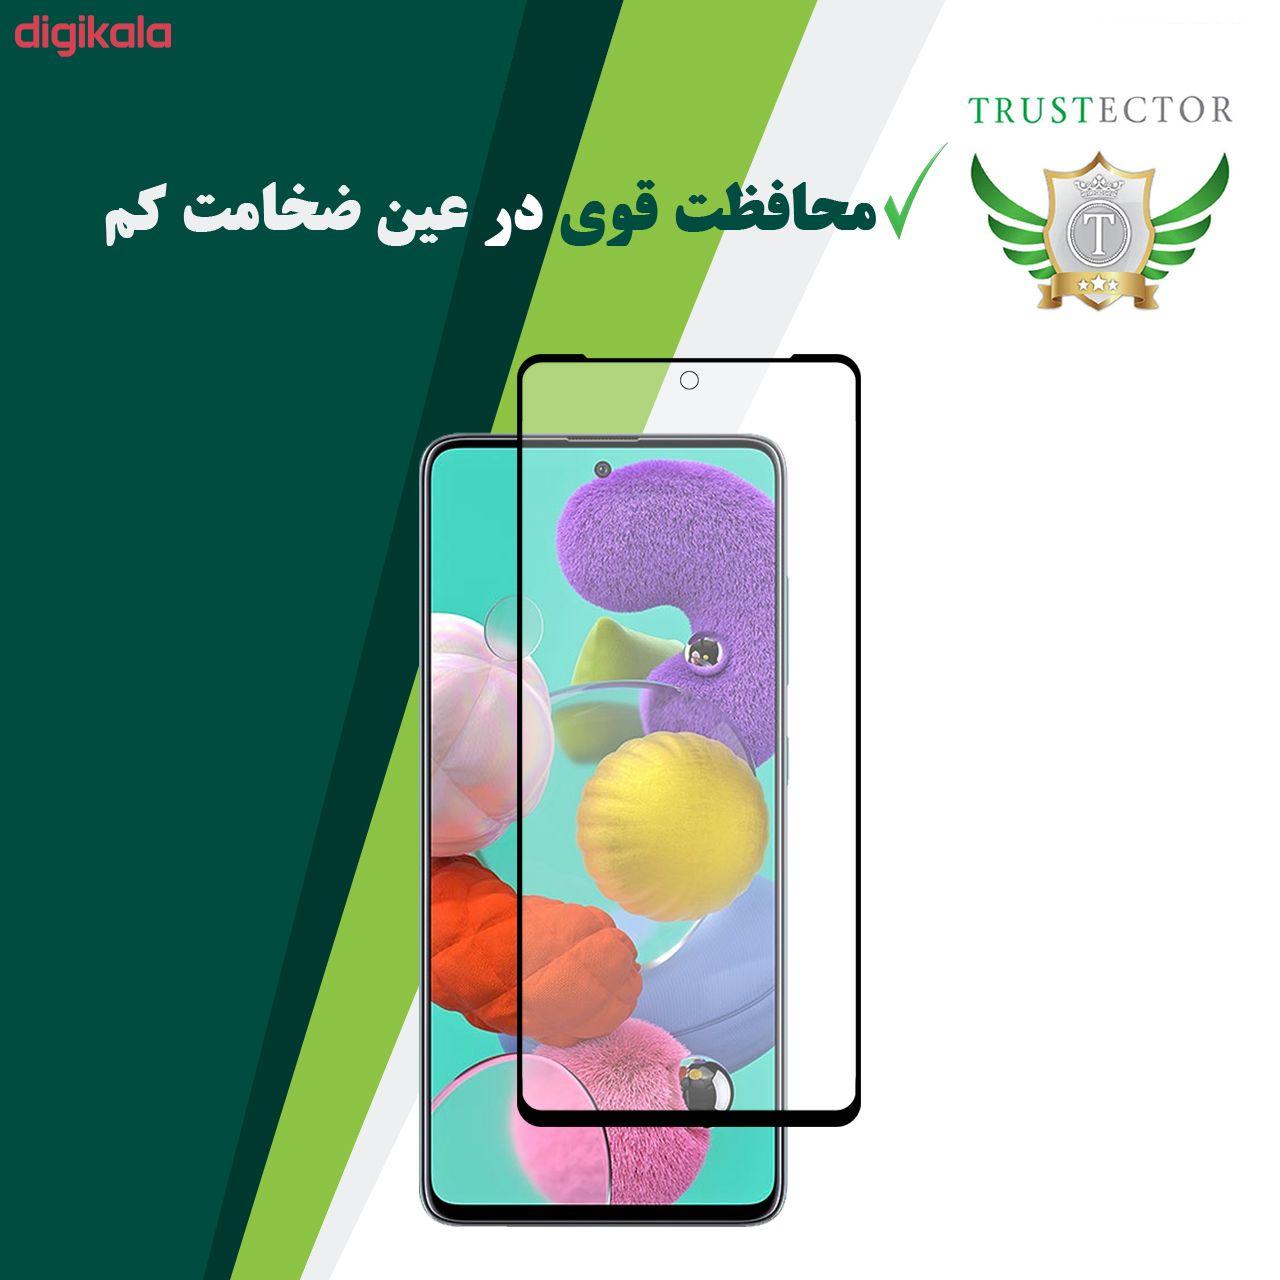 محافظ صفحه نمایش سرامیکی تراستکتور مدل CMT مناسب برای گوشی موبایل سامسونگ Galaxy A51 main 1 5